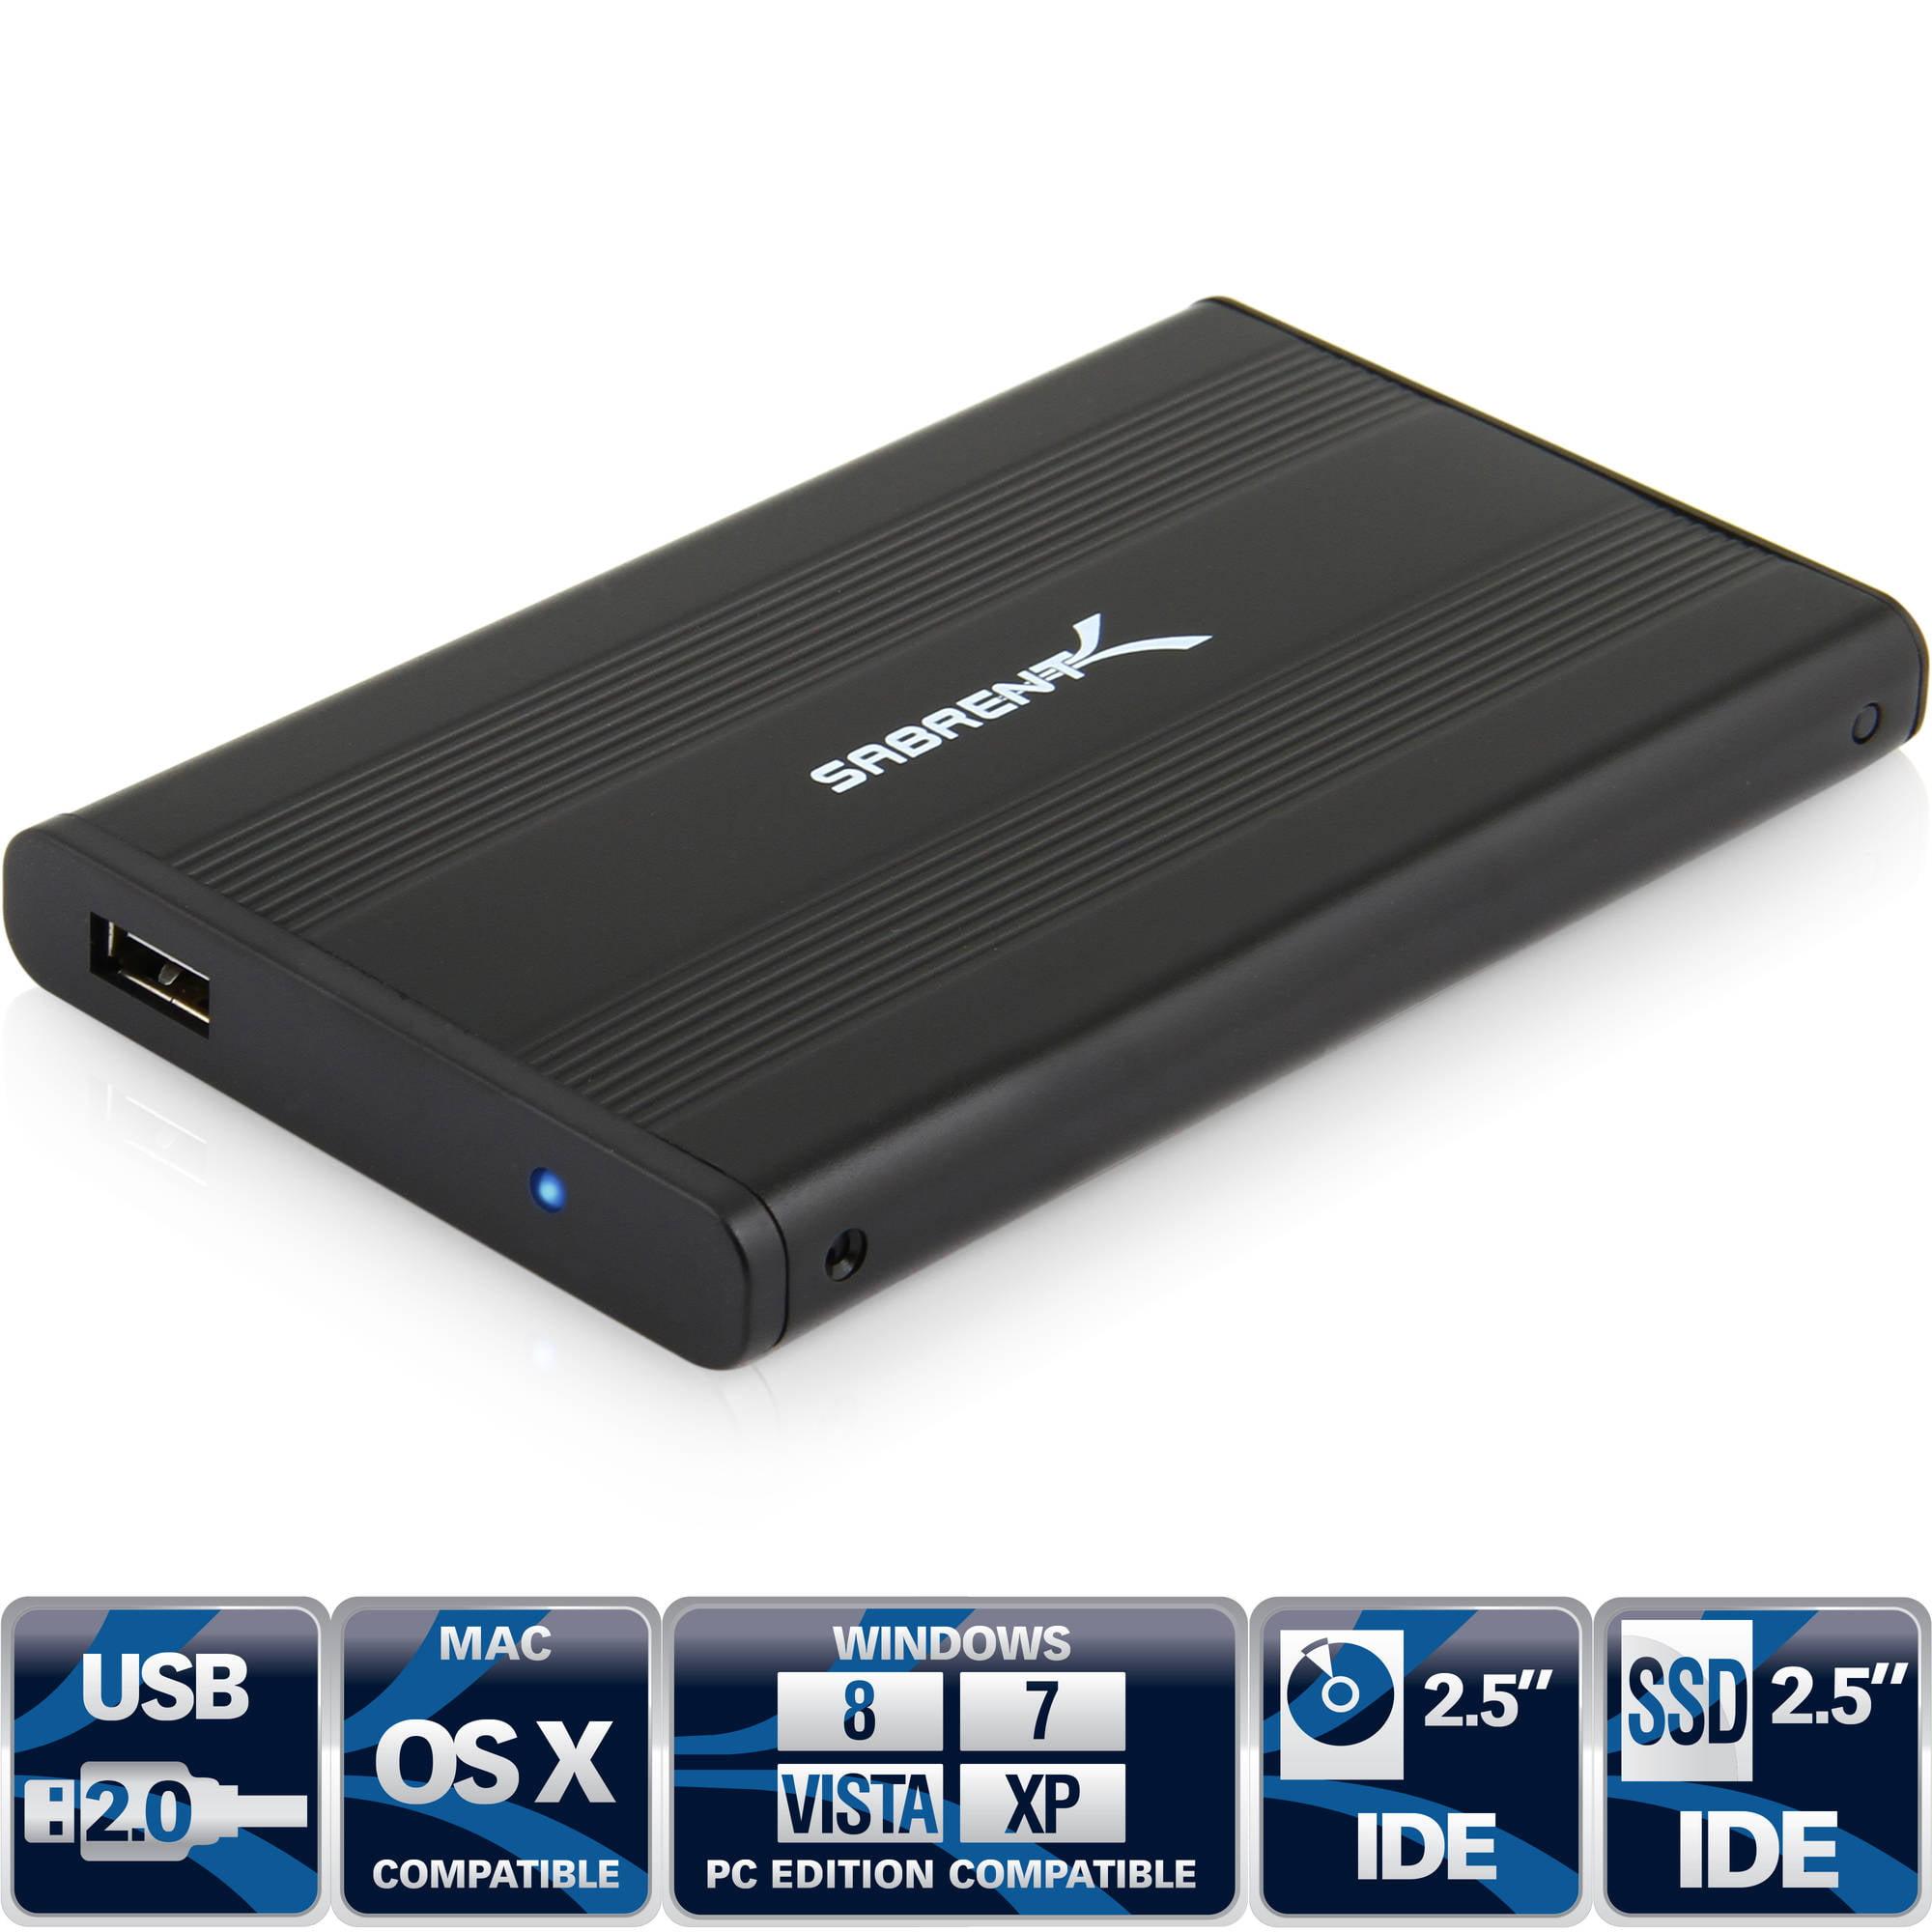 Sabrent - USB 2.0 Super Slim 2.5 Inch Aluminum Hard Drive Enclosure, Black